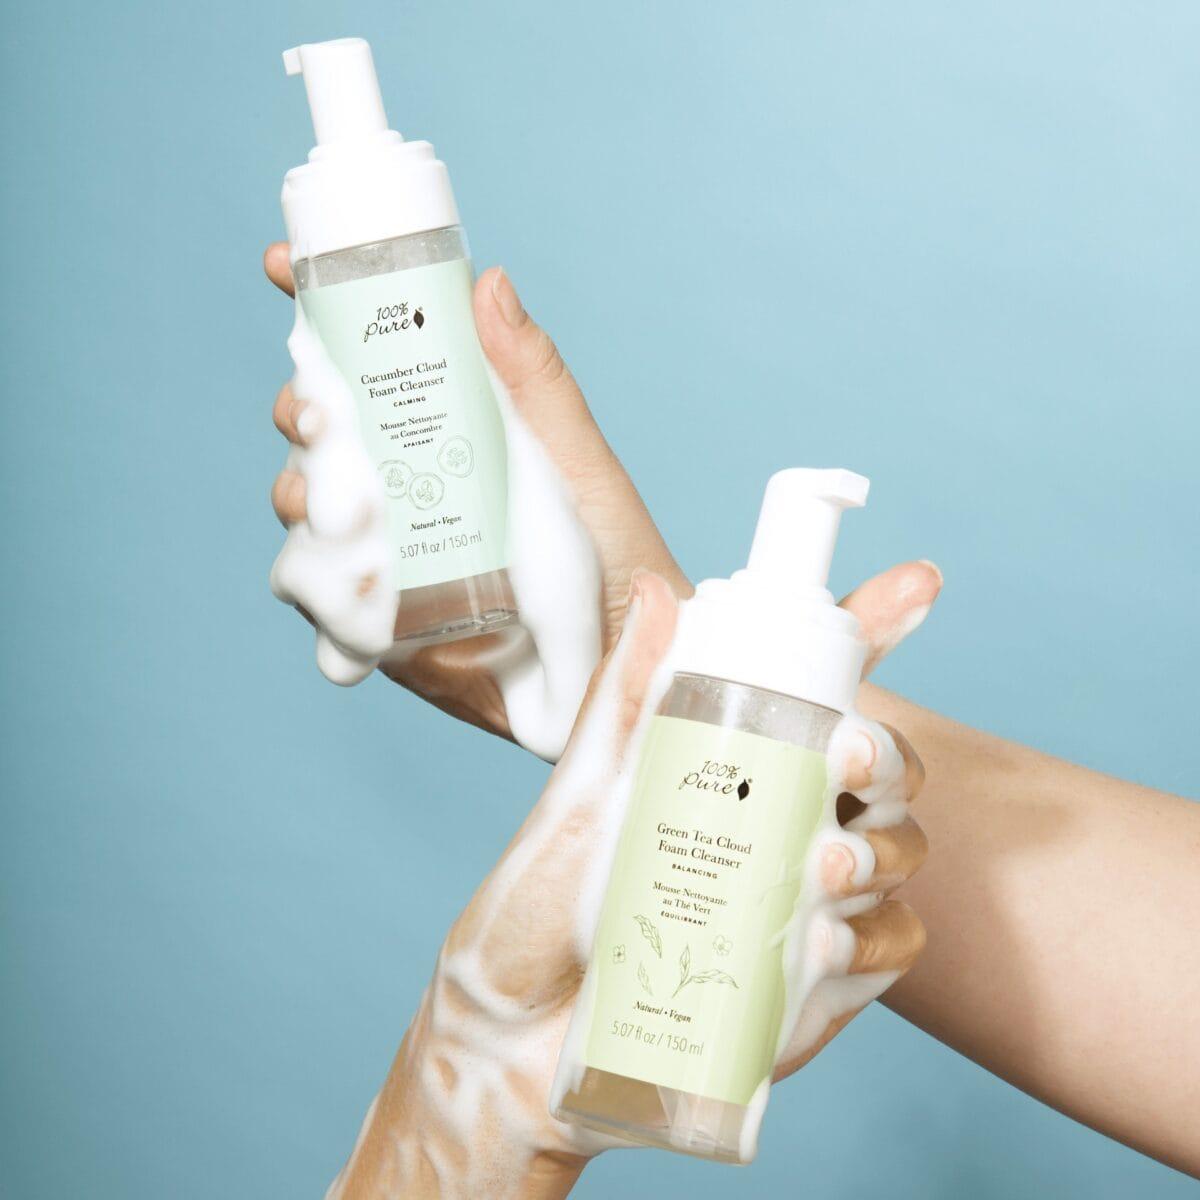 Cucumber Cloud Foam Cleanser All Skin Types Dry Skin